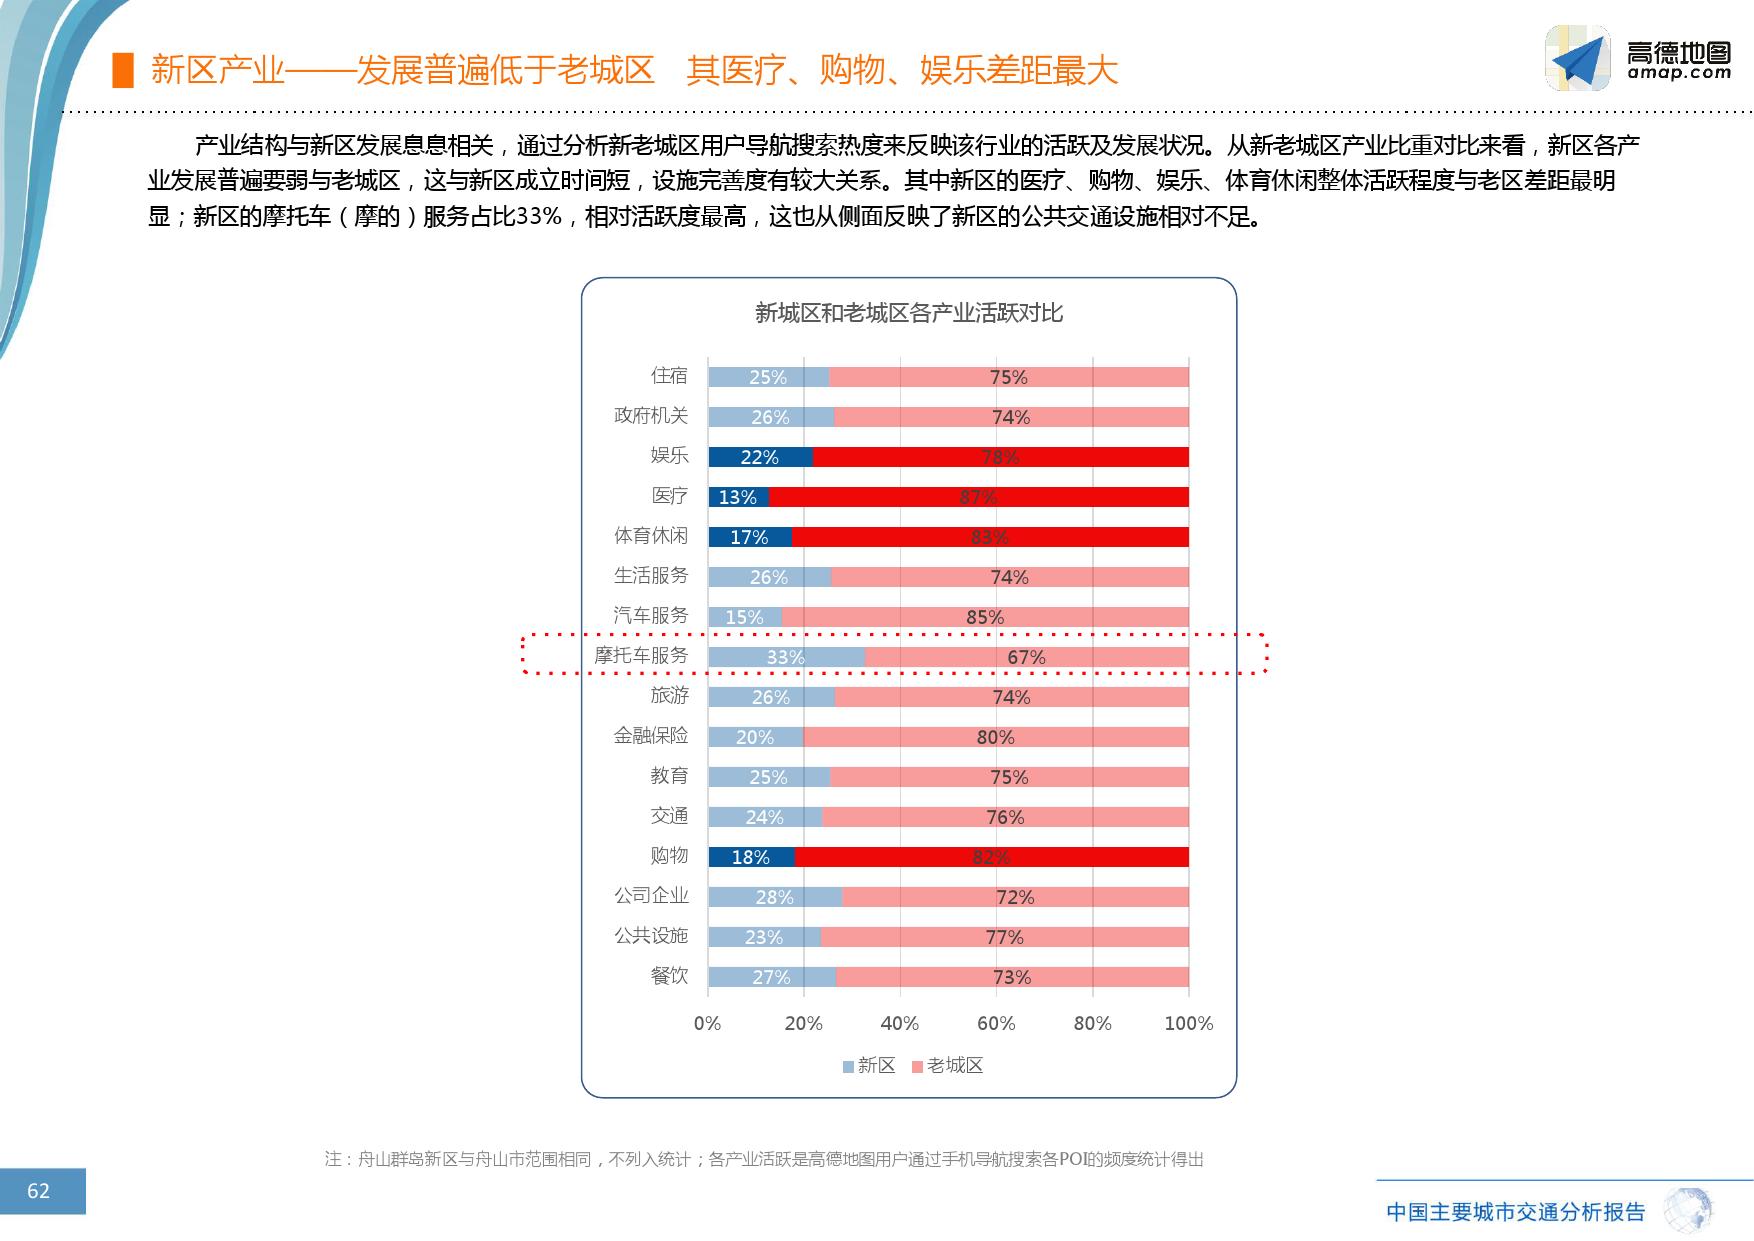 2016%e5%b9%b4q3%e4%b8%ad%e5%9b%bd%e4%b8%bb%e8%a6%81%e5%9f%8e%e5%b8%82%e4%ba%a4%e9%80%9a%e5%88%86%e6%9e%90%e6%8a%a5%e5%91%8a_000062